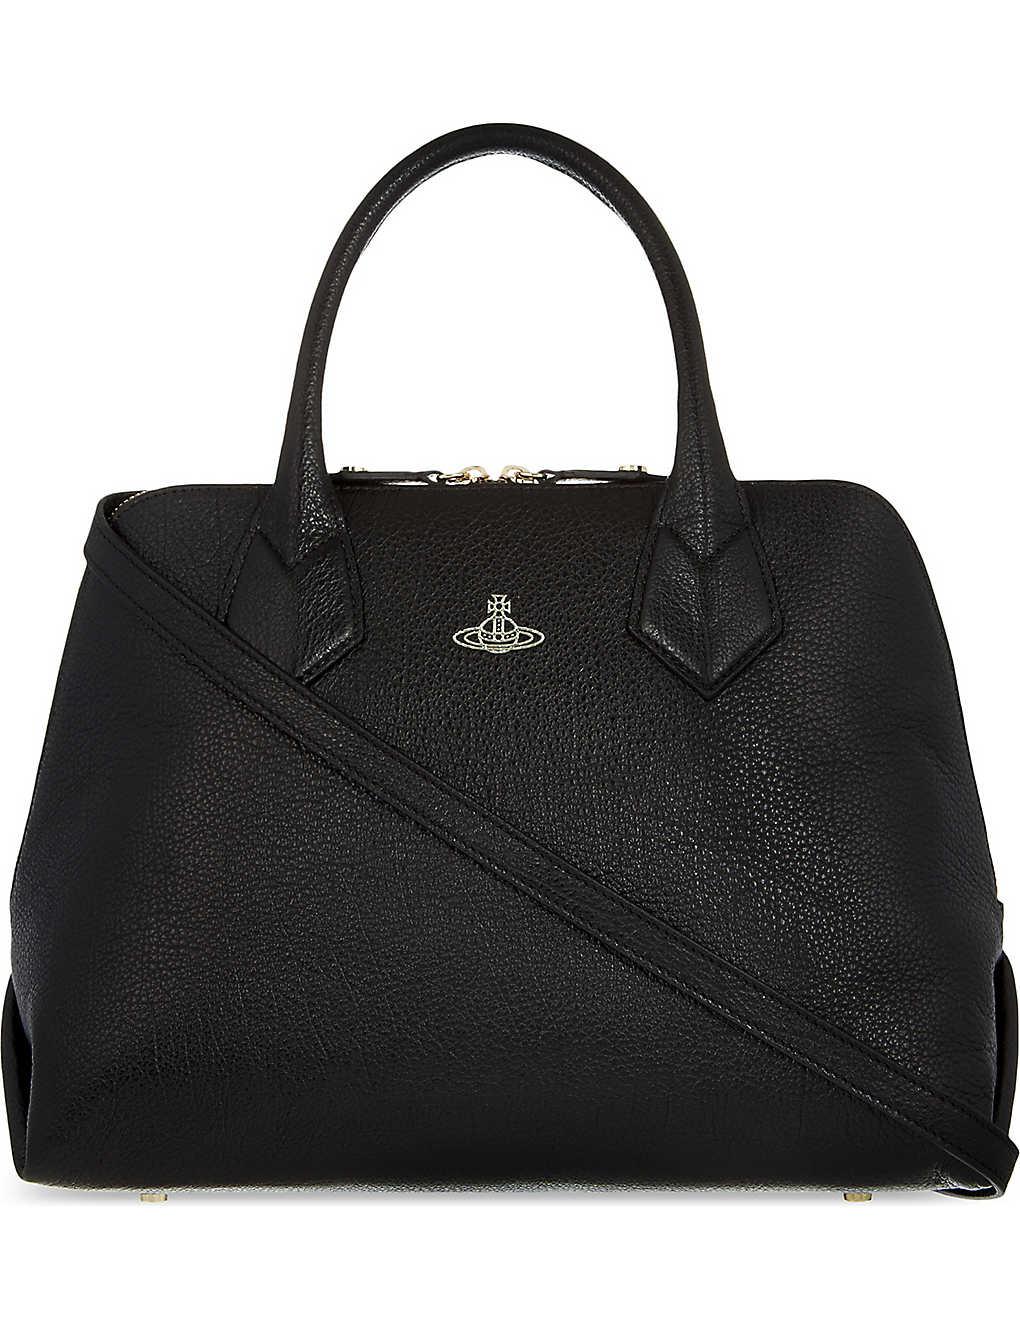 12170720eb VIVIENNE WESTWOOD - Balmoral leather shoulder bag | Selfridges.com